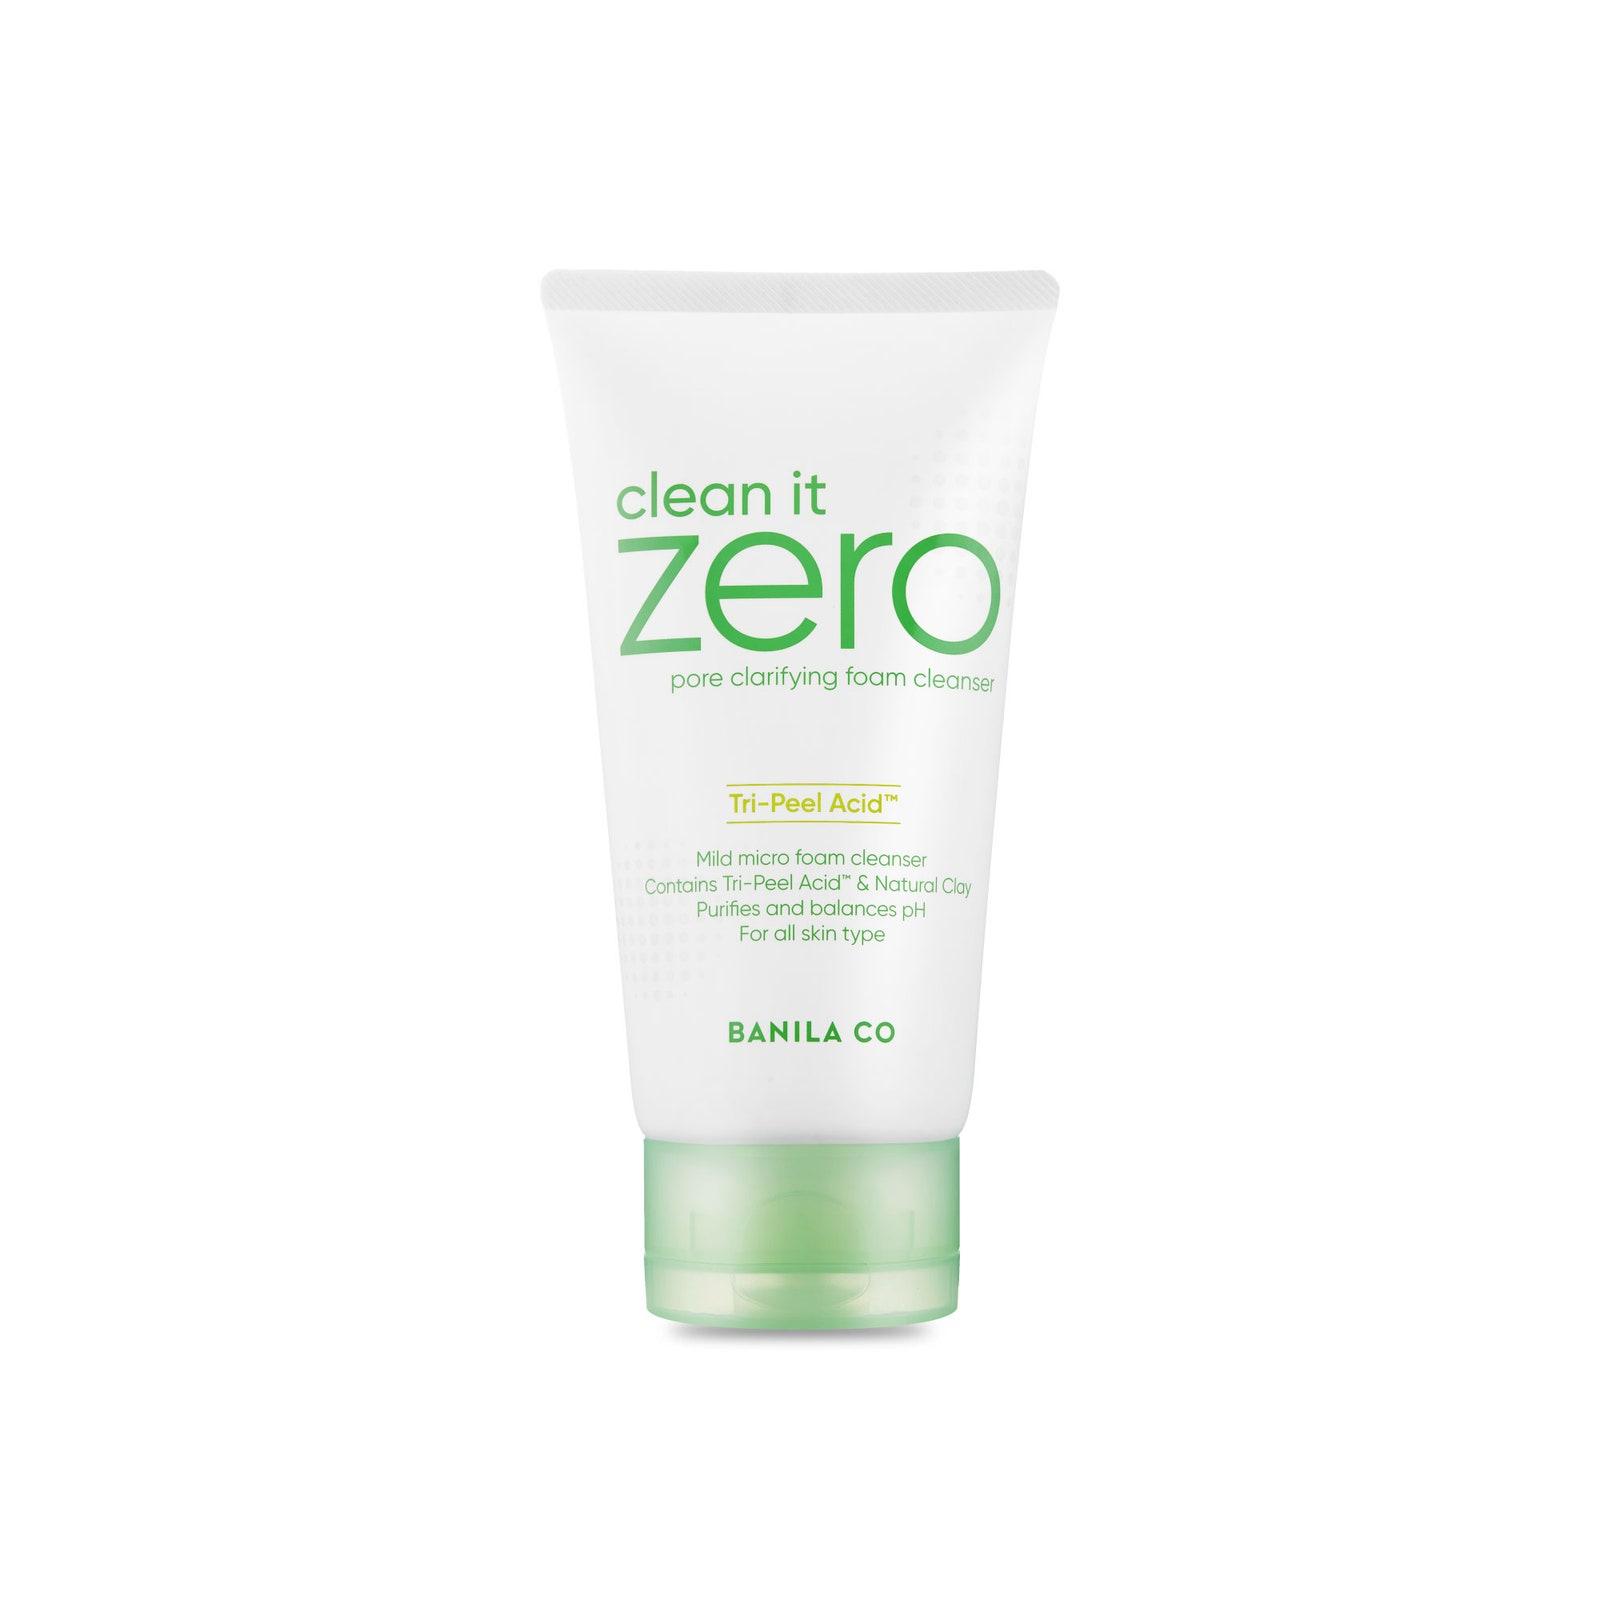 Sữa rửa mặt cho da mụn Clean it zero (giá 250.000 đồng): Với sự kết hợp nhẹ nhàng nhưng hiệu quả của AHA, BHA và LHA rửa mặt chứa nhiều axit sẽ quét đi các tế bào da chết để giúp lỗ chân lông không bị tắc nghẽn và da không bị nổi mụn.